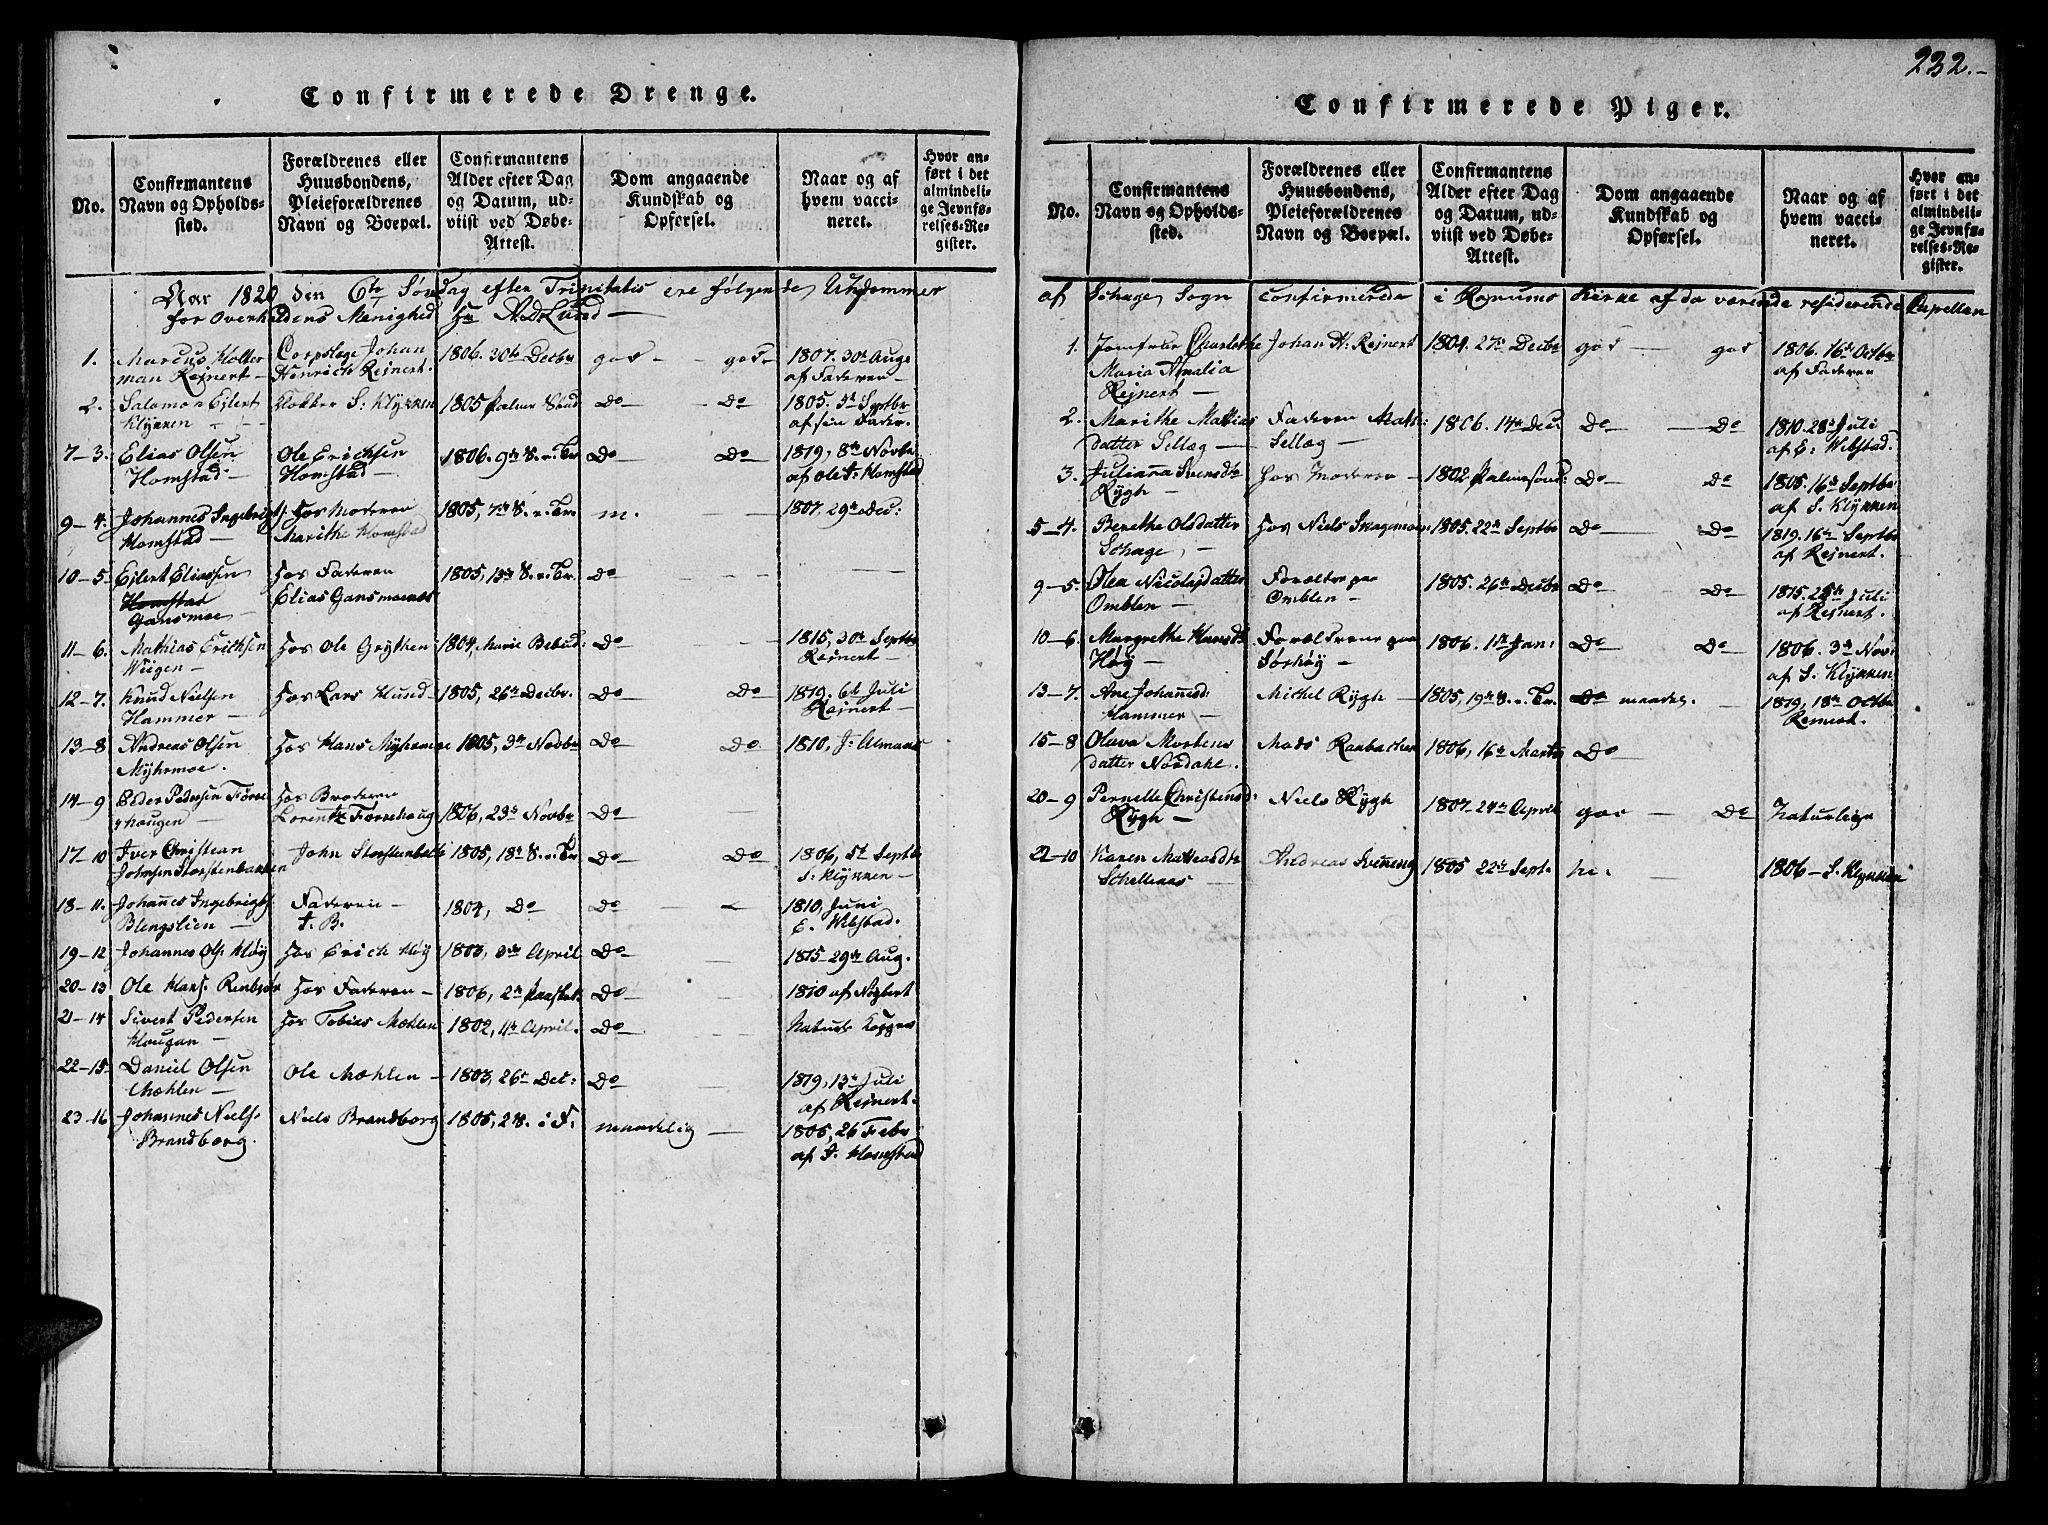 SAT, Ministerialprotokoller, klokkerbøker og fødselsregistre - Nord-Trøndelag, 766/L0565: Klokkerbok nr. 767C01, 1817-1823, s. 232